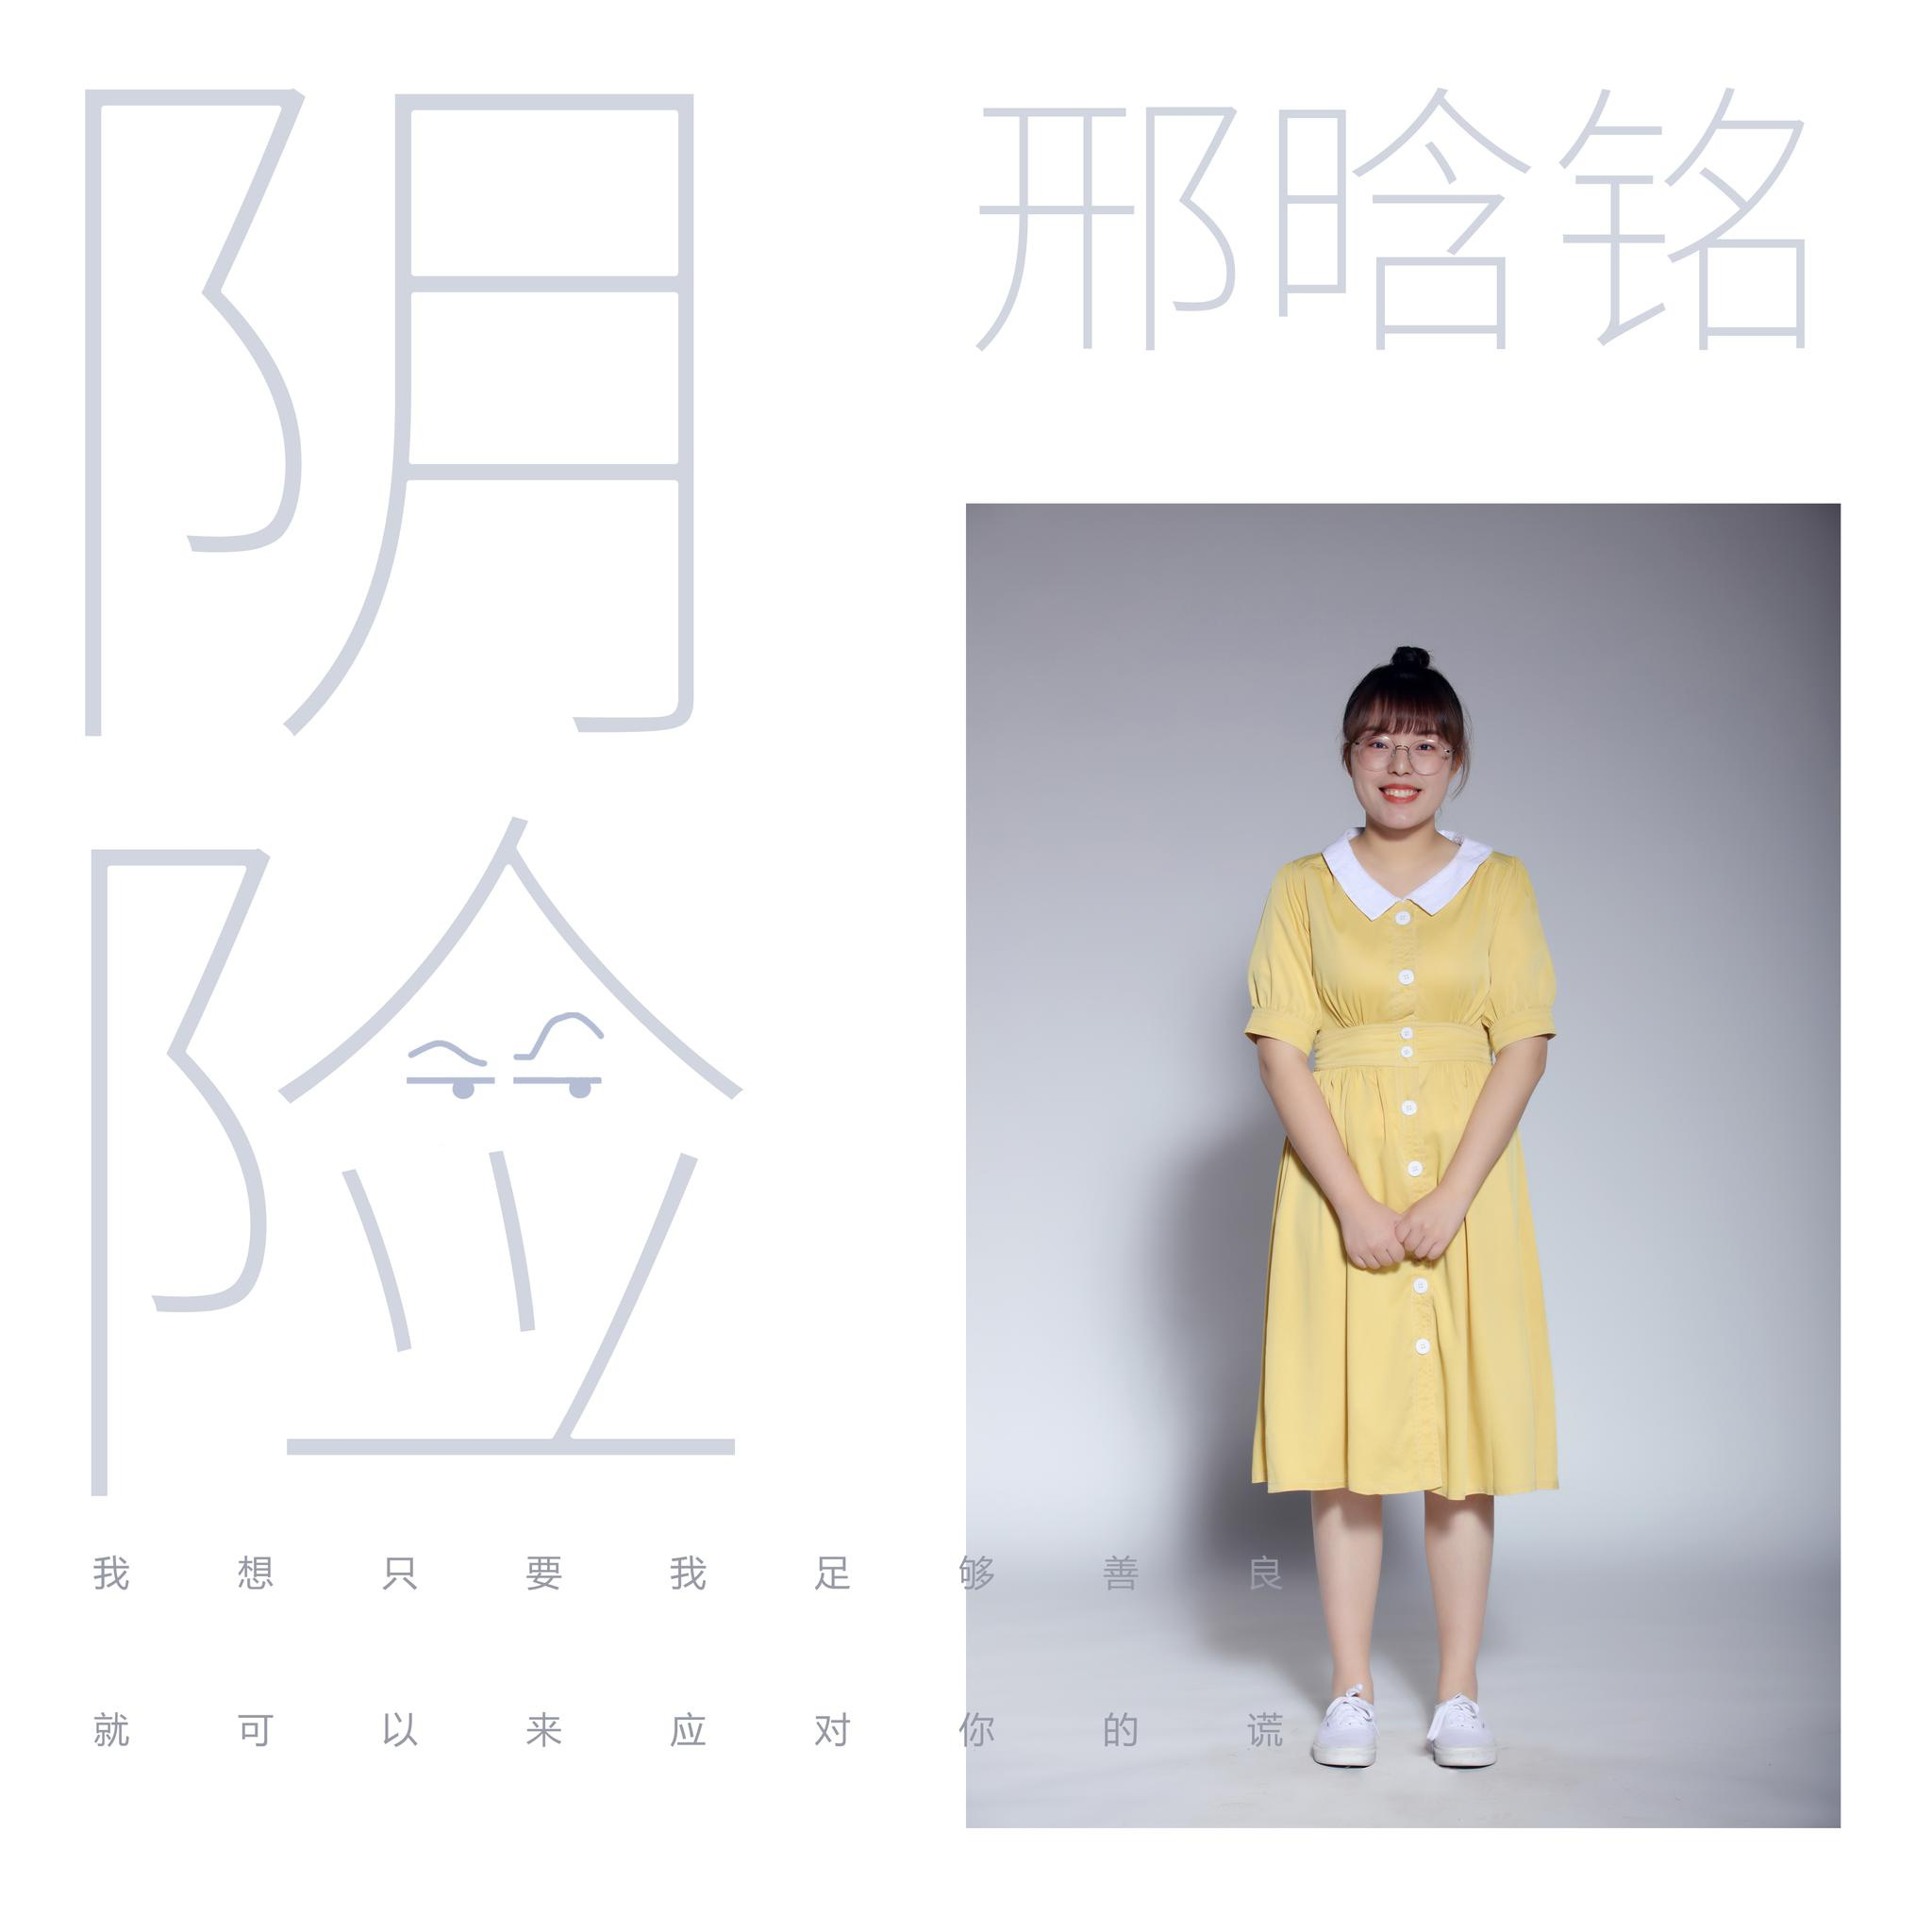 好声音冠军邢晗铭首支单曲《阴险》演绎真实内心情感